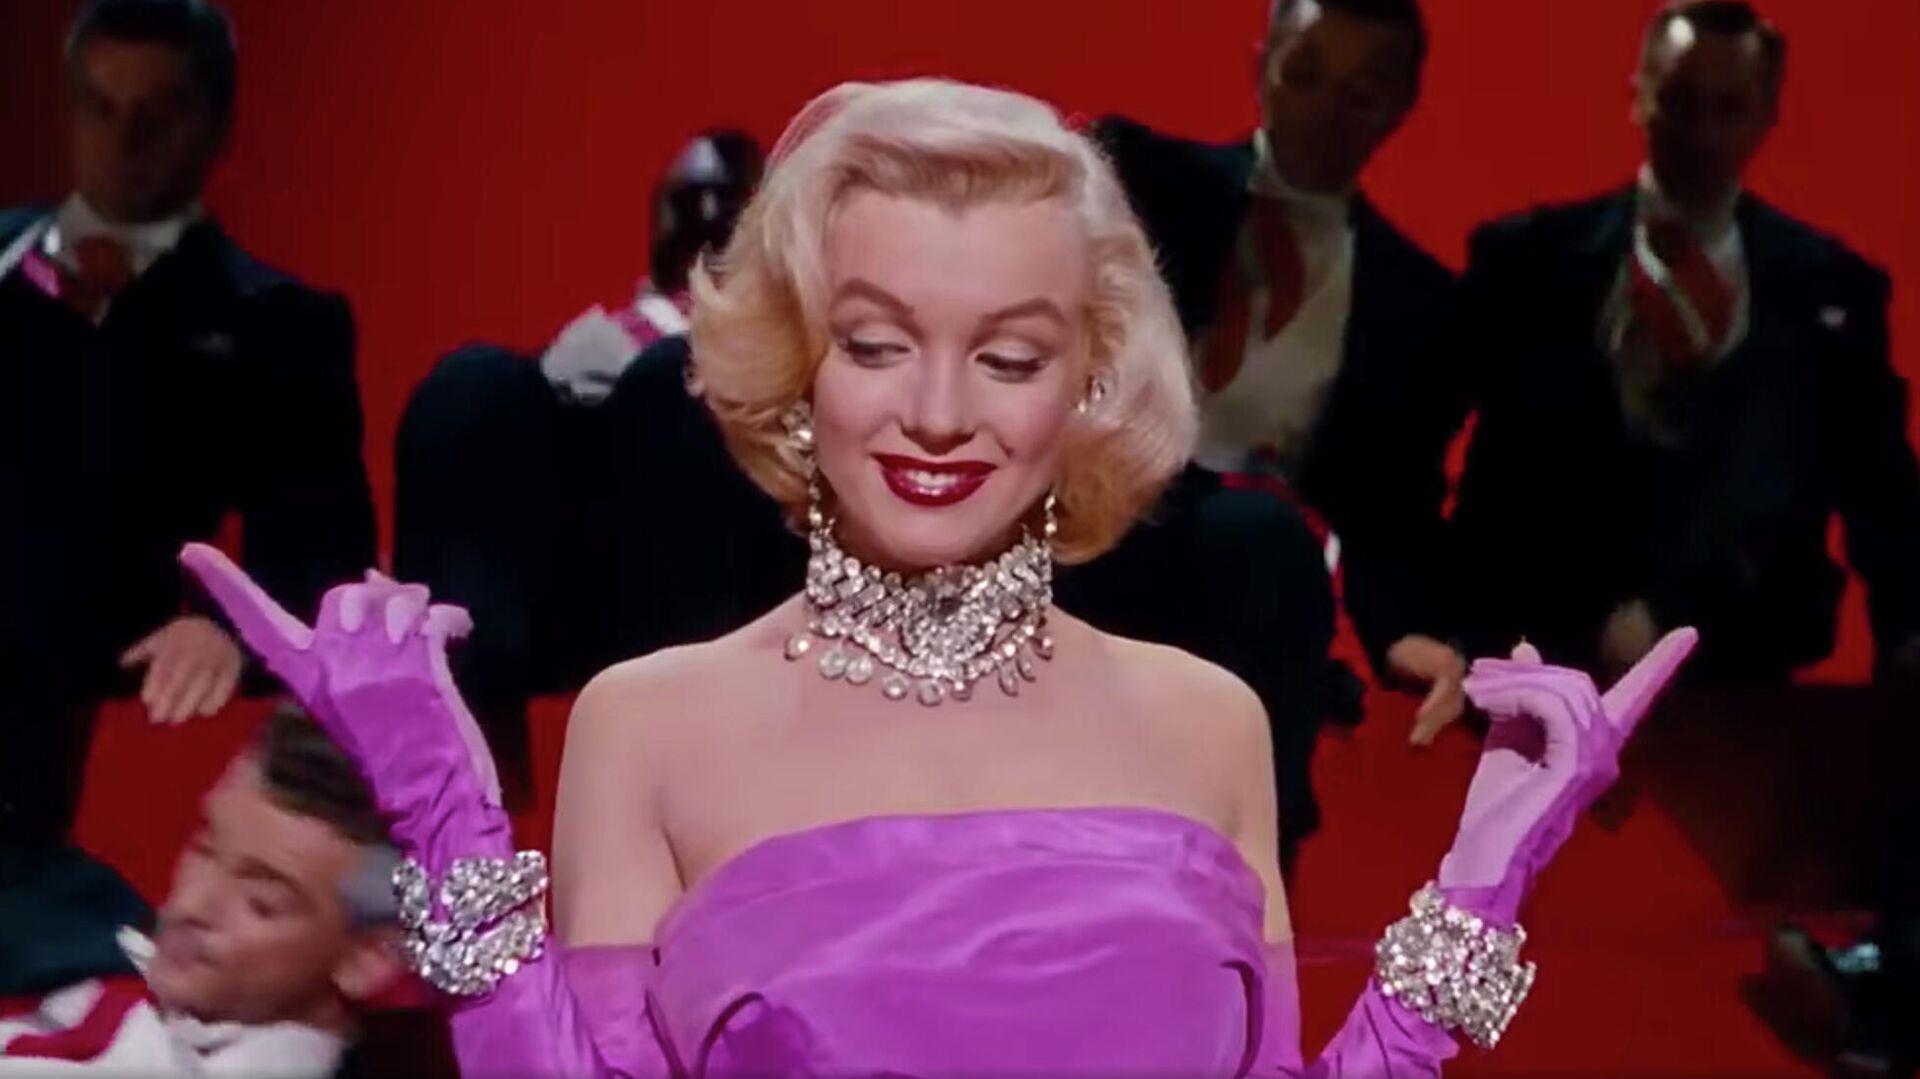 1577757993 0:230:1958:1331 1920x0 80 0 0 c057646dc78e0409d478a80d1627febe - Юбка Монро, черное платье Хепберн. Кто вдохновлял знаменитых модельеров